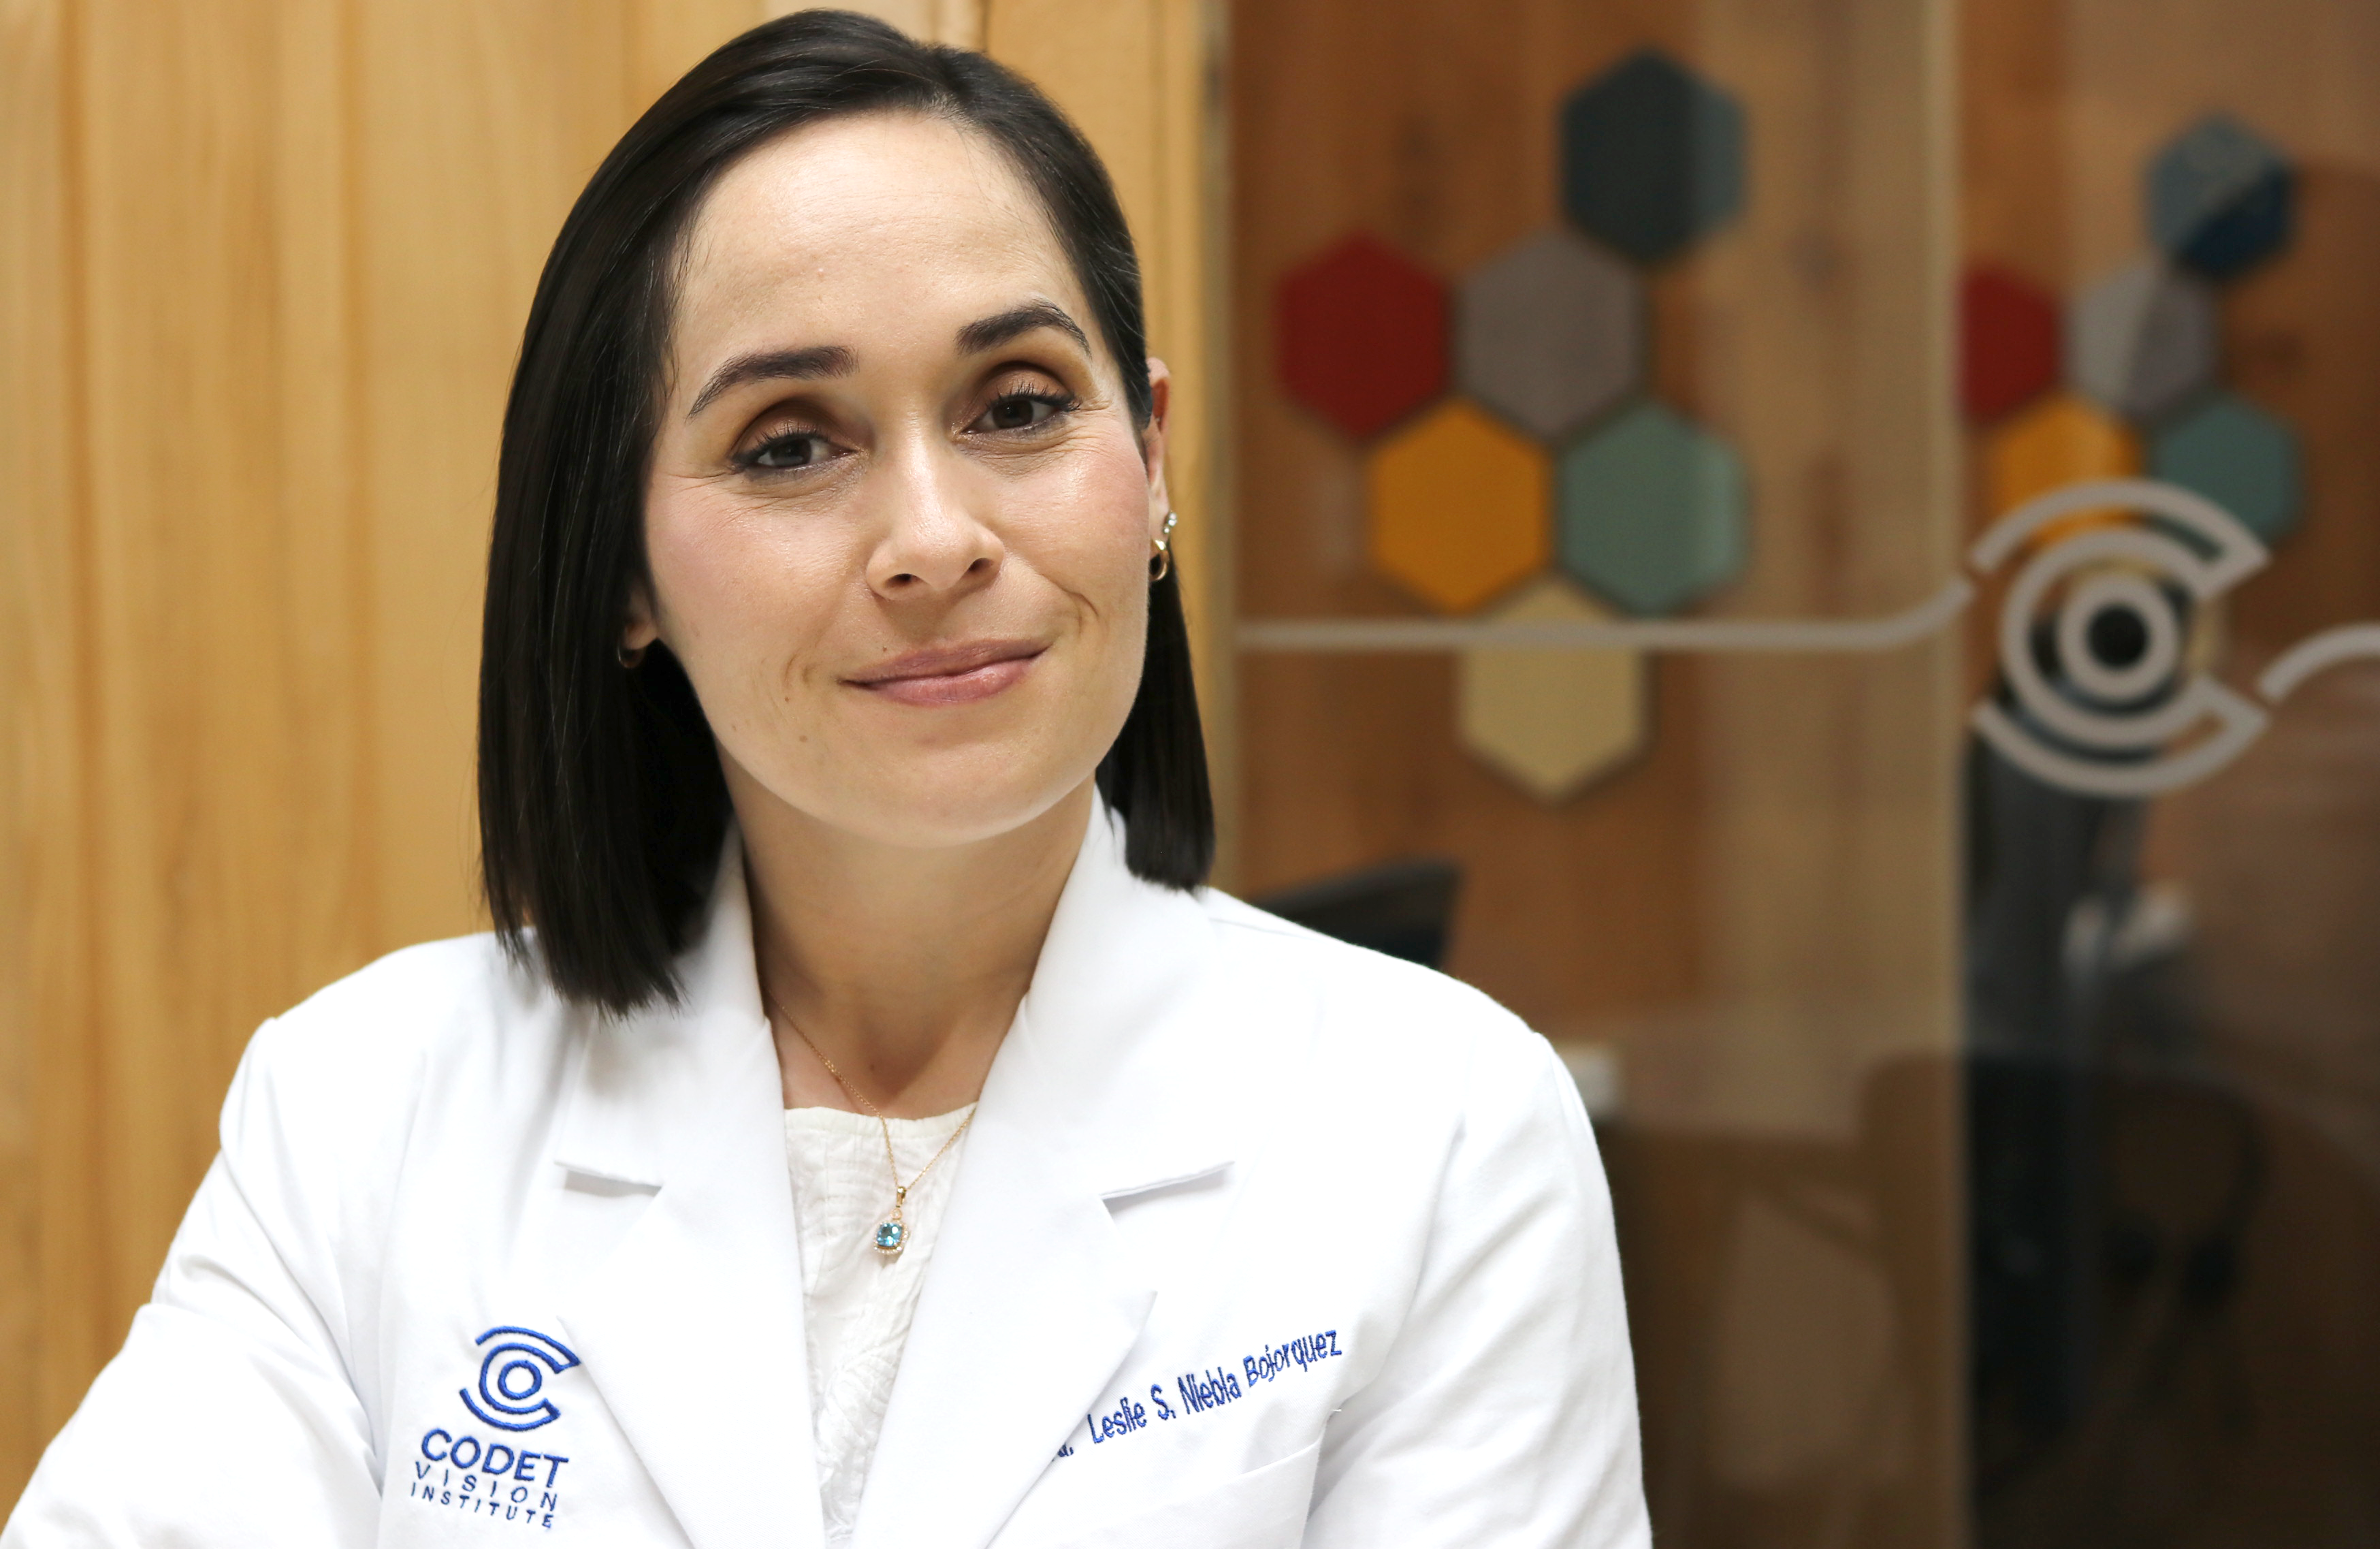 Dr. Leslie Niebla